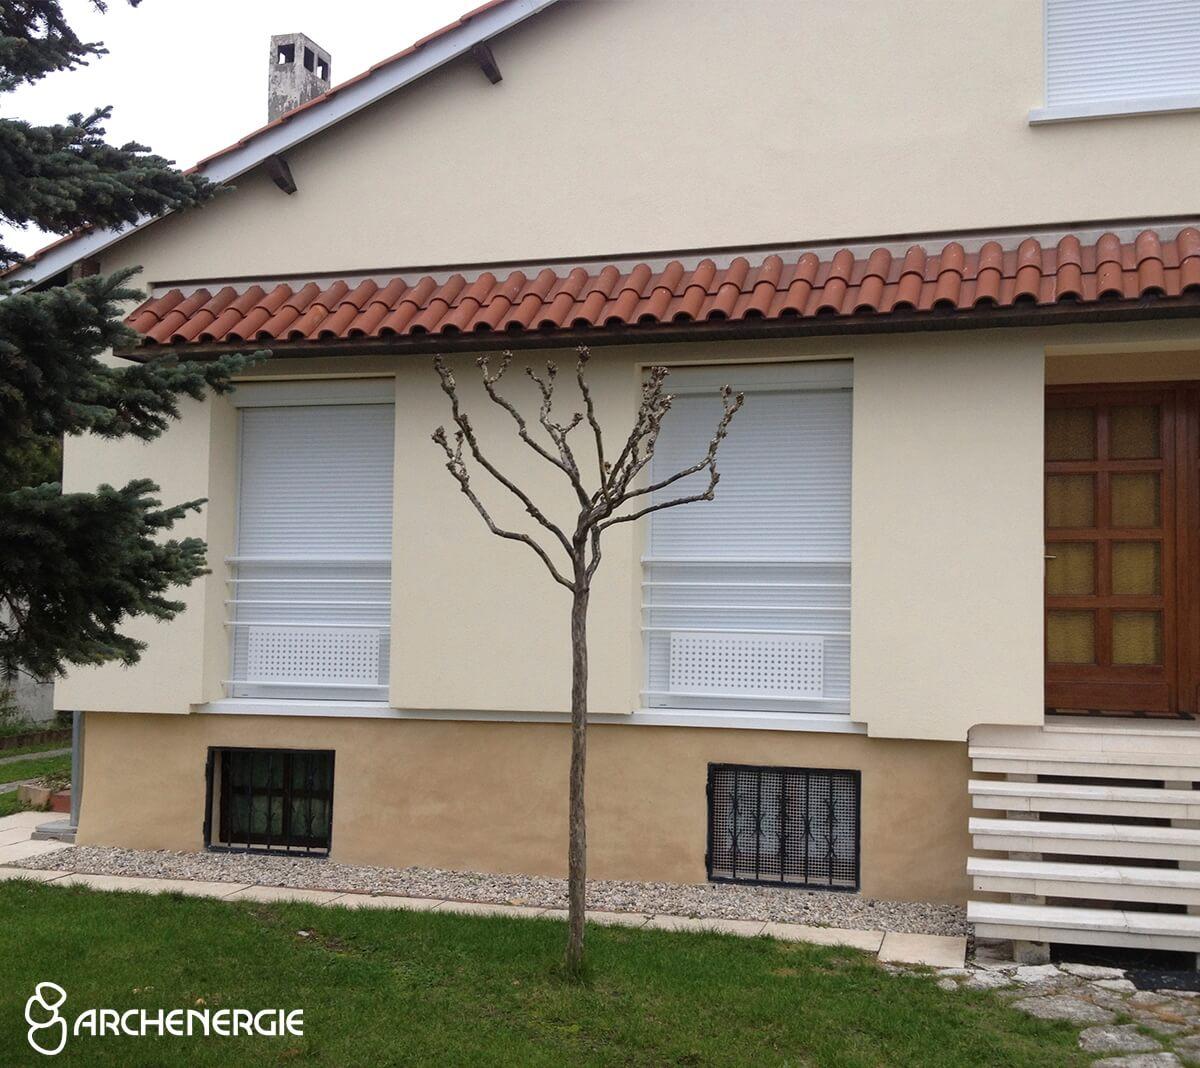 maison bordeaux bastide gironde 33 après travaux ITE isolation par l'extérieur